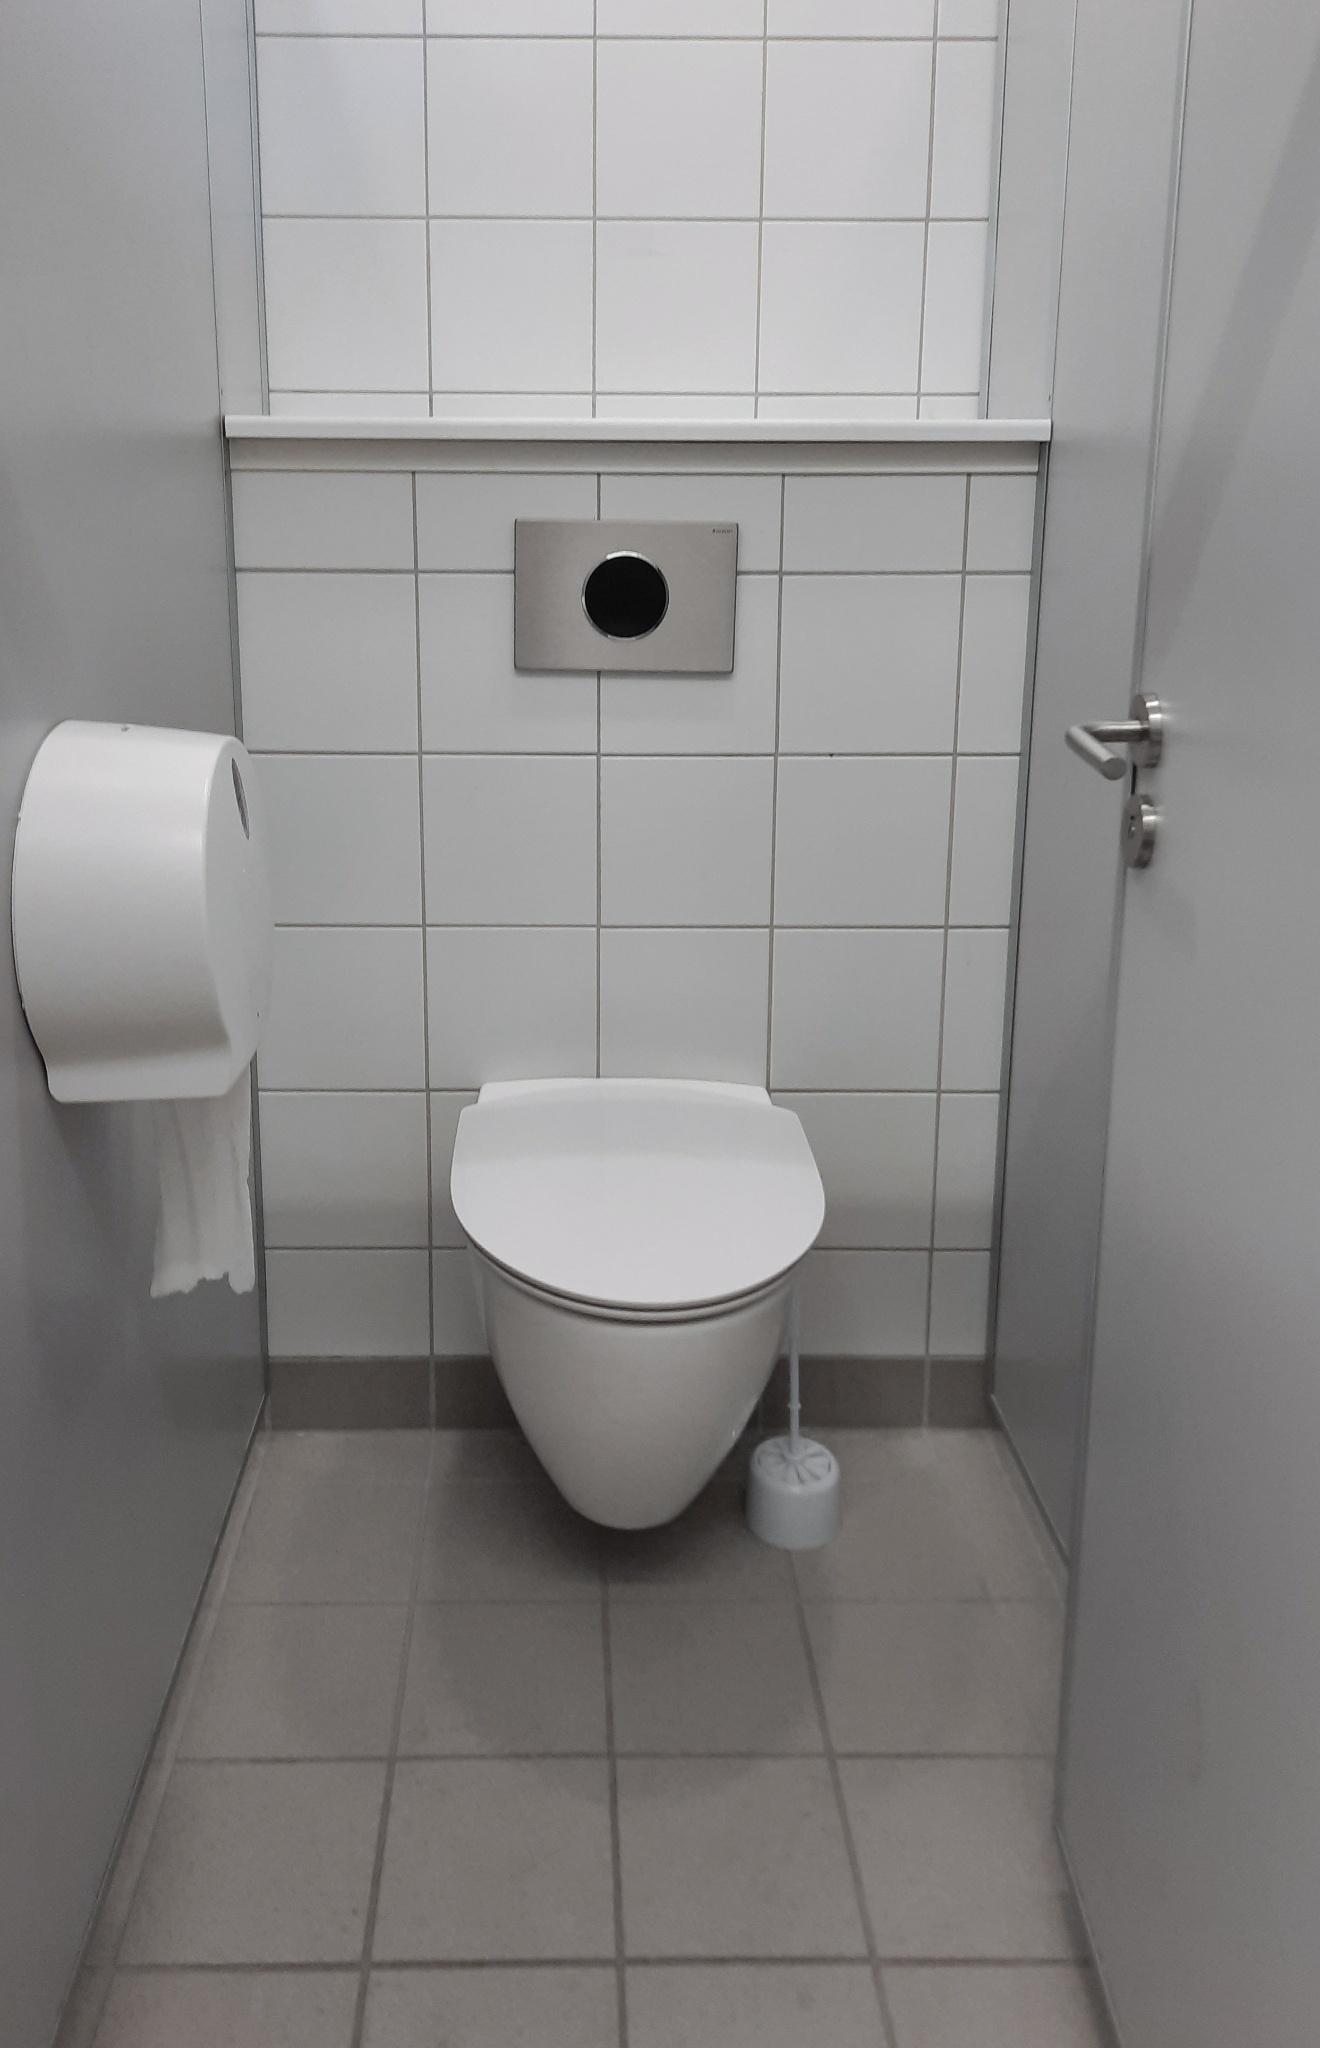 Investerer i teknologi, miljø og hygiejne: Fremtidssikrede skoletoiletter i Hillerød